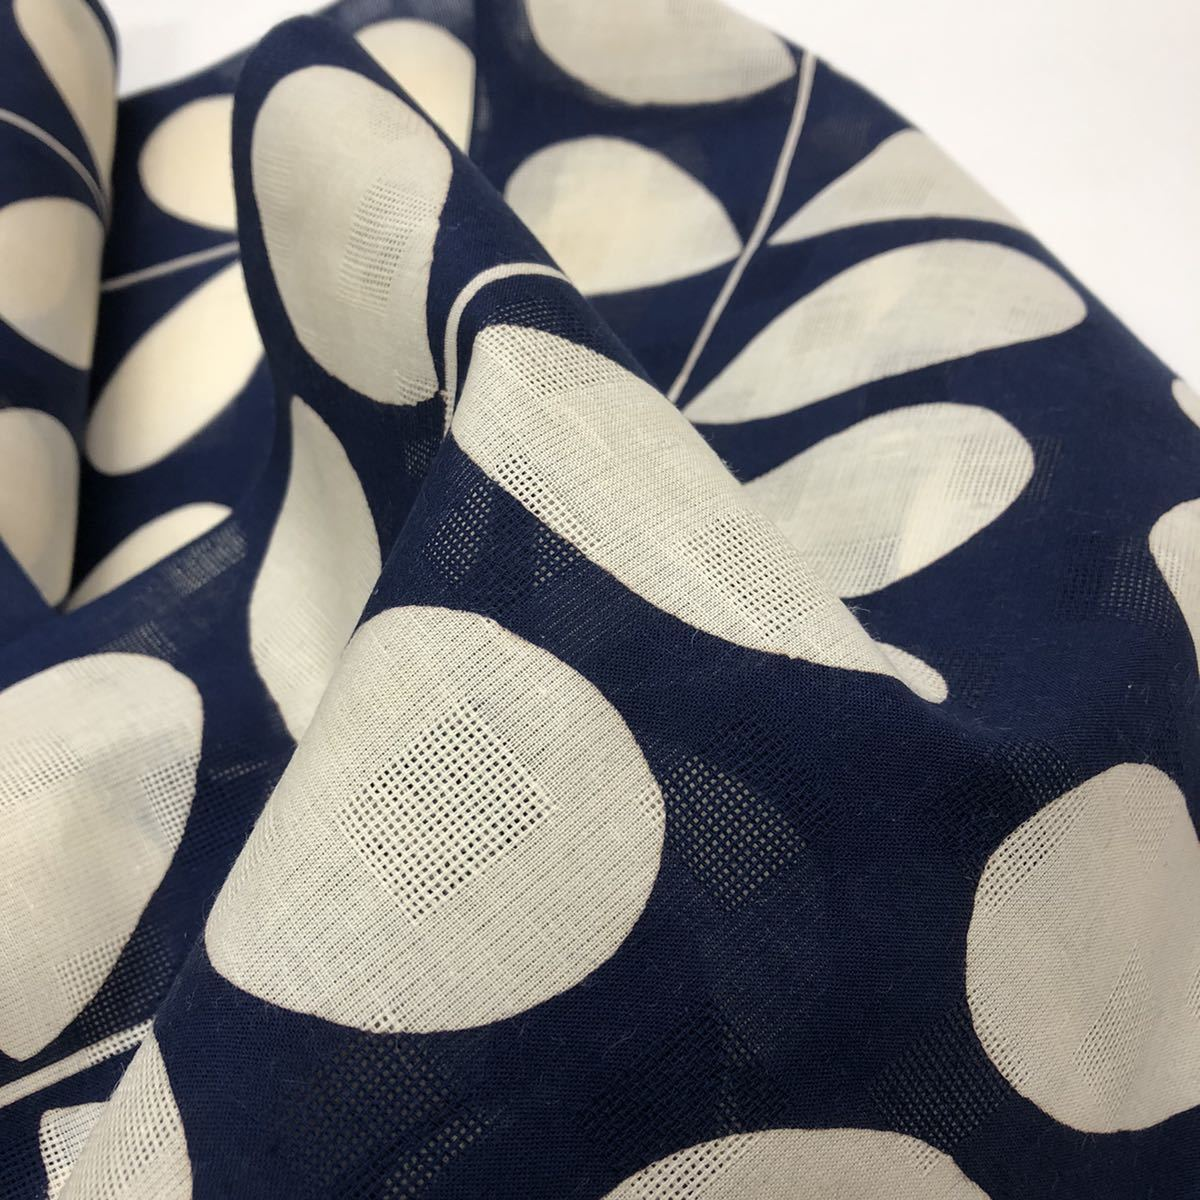 紺色 紺地 浴衣 大人 女性用 女用 反物 浴衣反物 綿麻 夏着物 綿 麻 浴衣_画像6